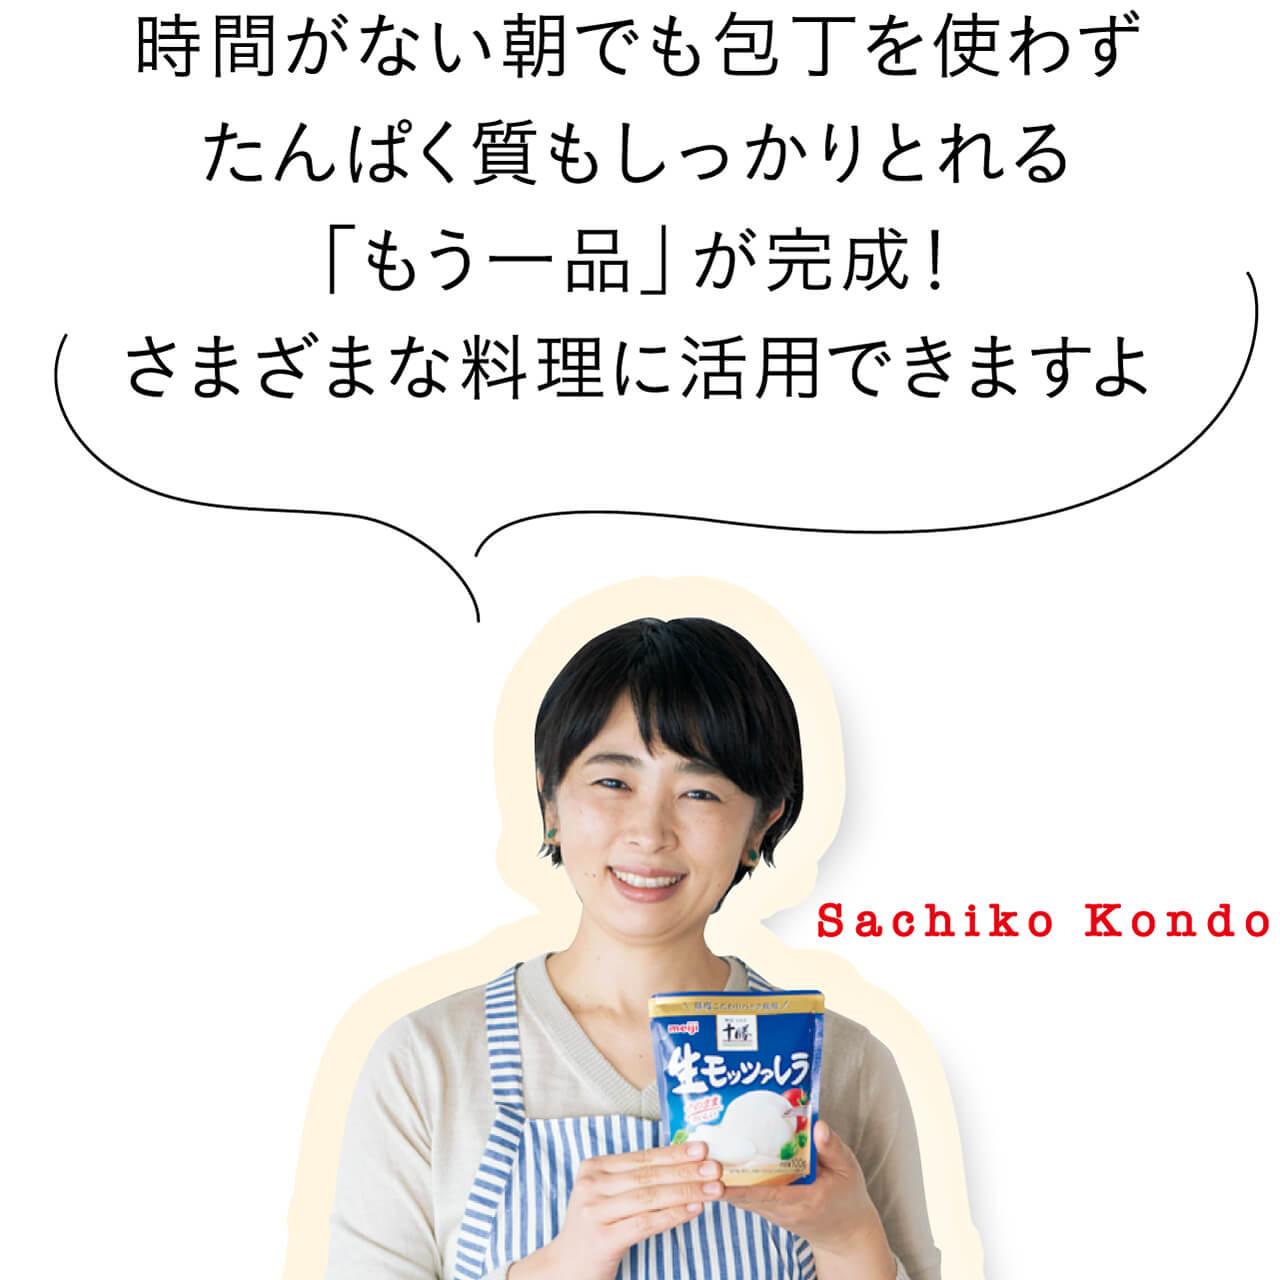 料理家・近藤幸子さん 時間がない朝でも包丁を使わずたんぱく質もしっかりとれる「もう一品」が完成! さまざまな料理に活用できますよ